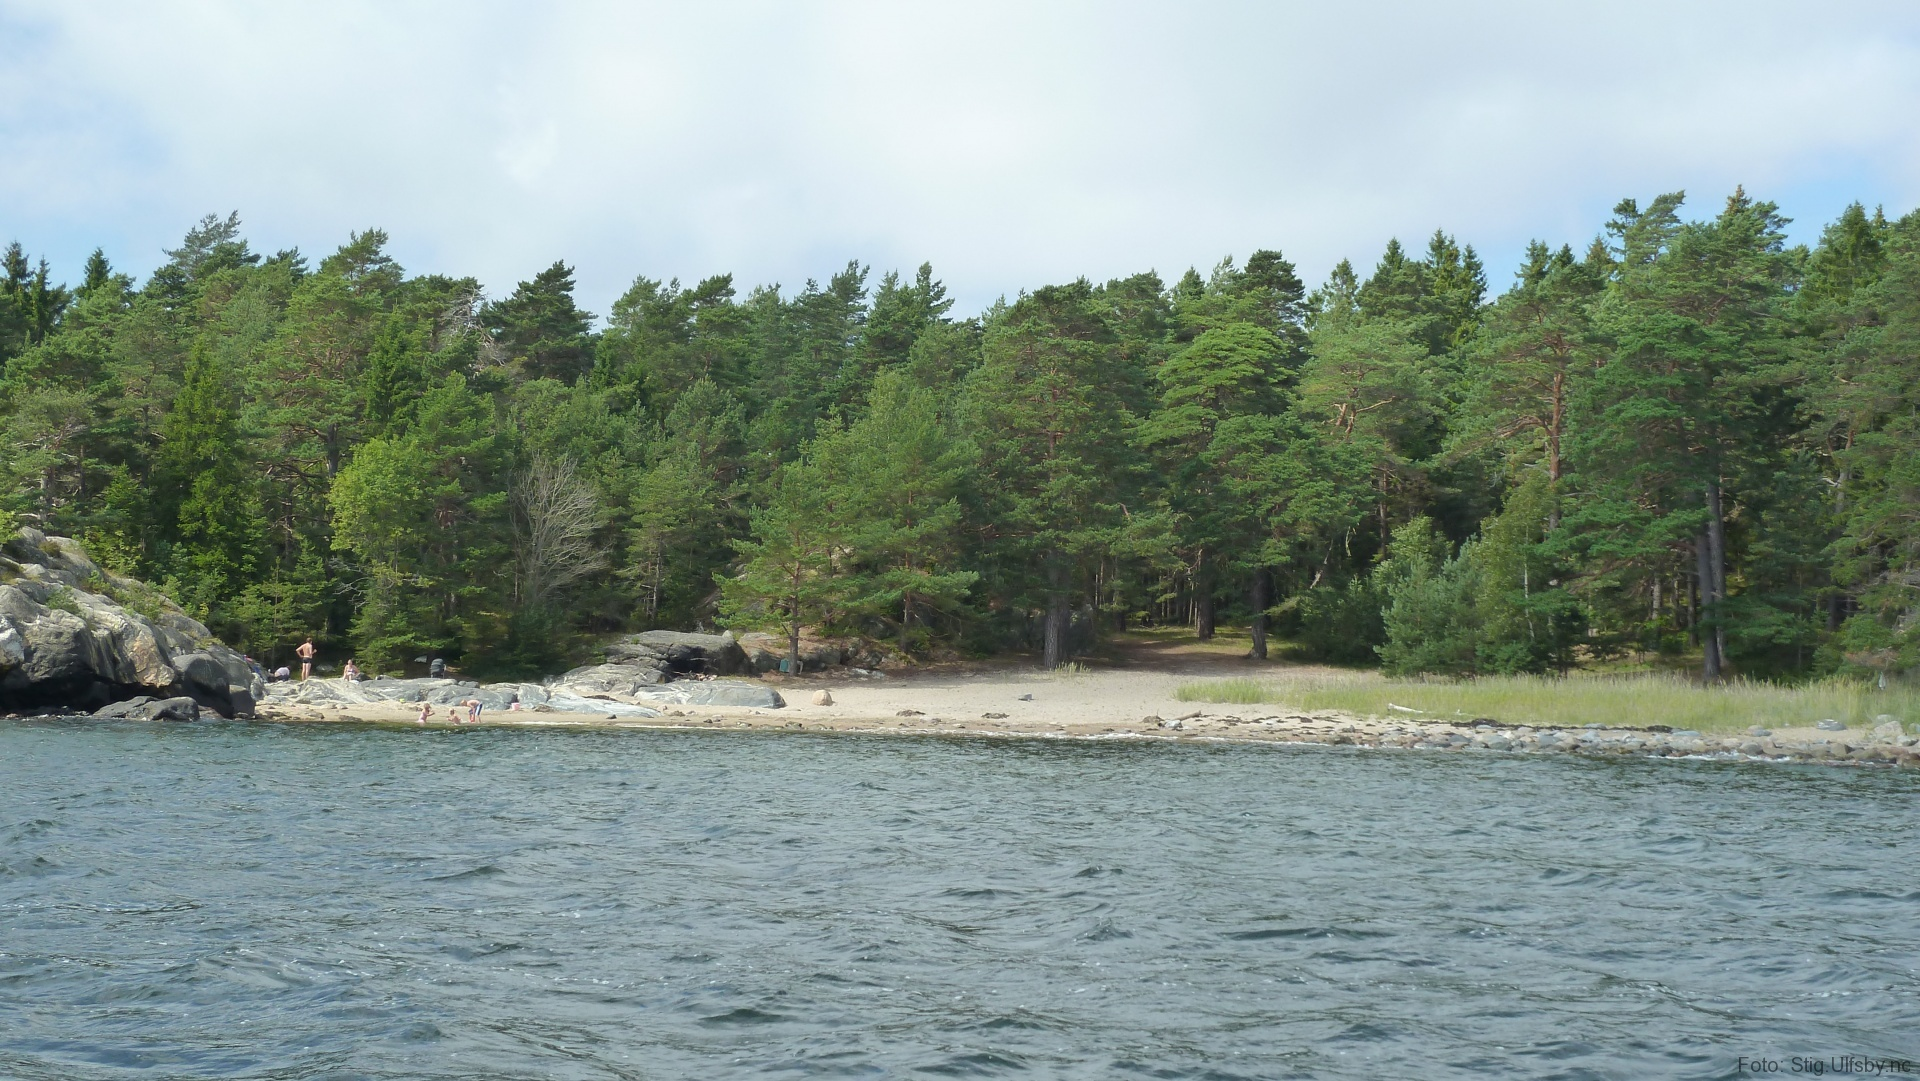 Fiskekroken på Søndre Sandøy, Hvaler juli 2010